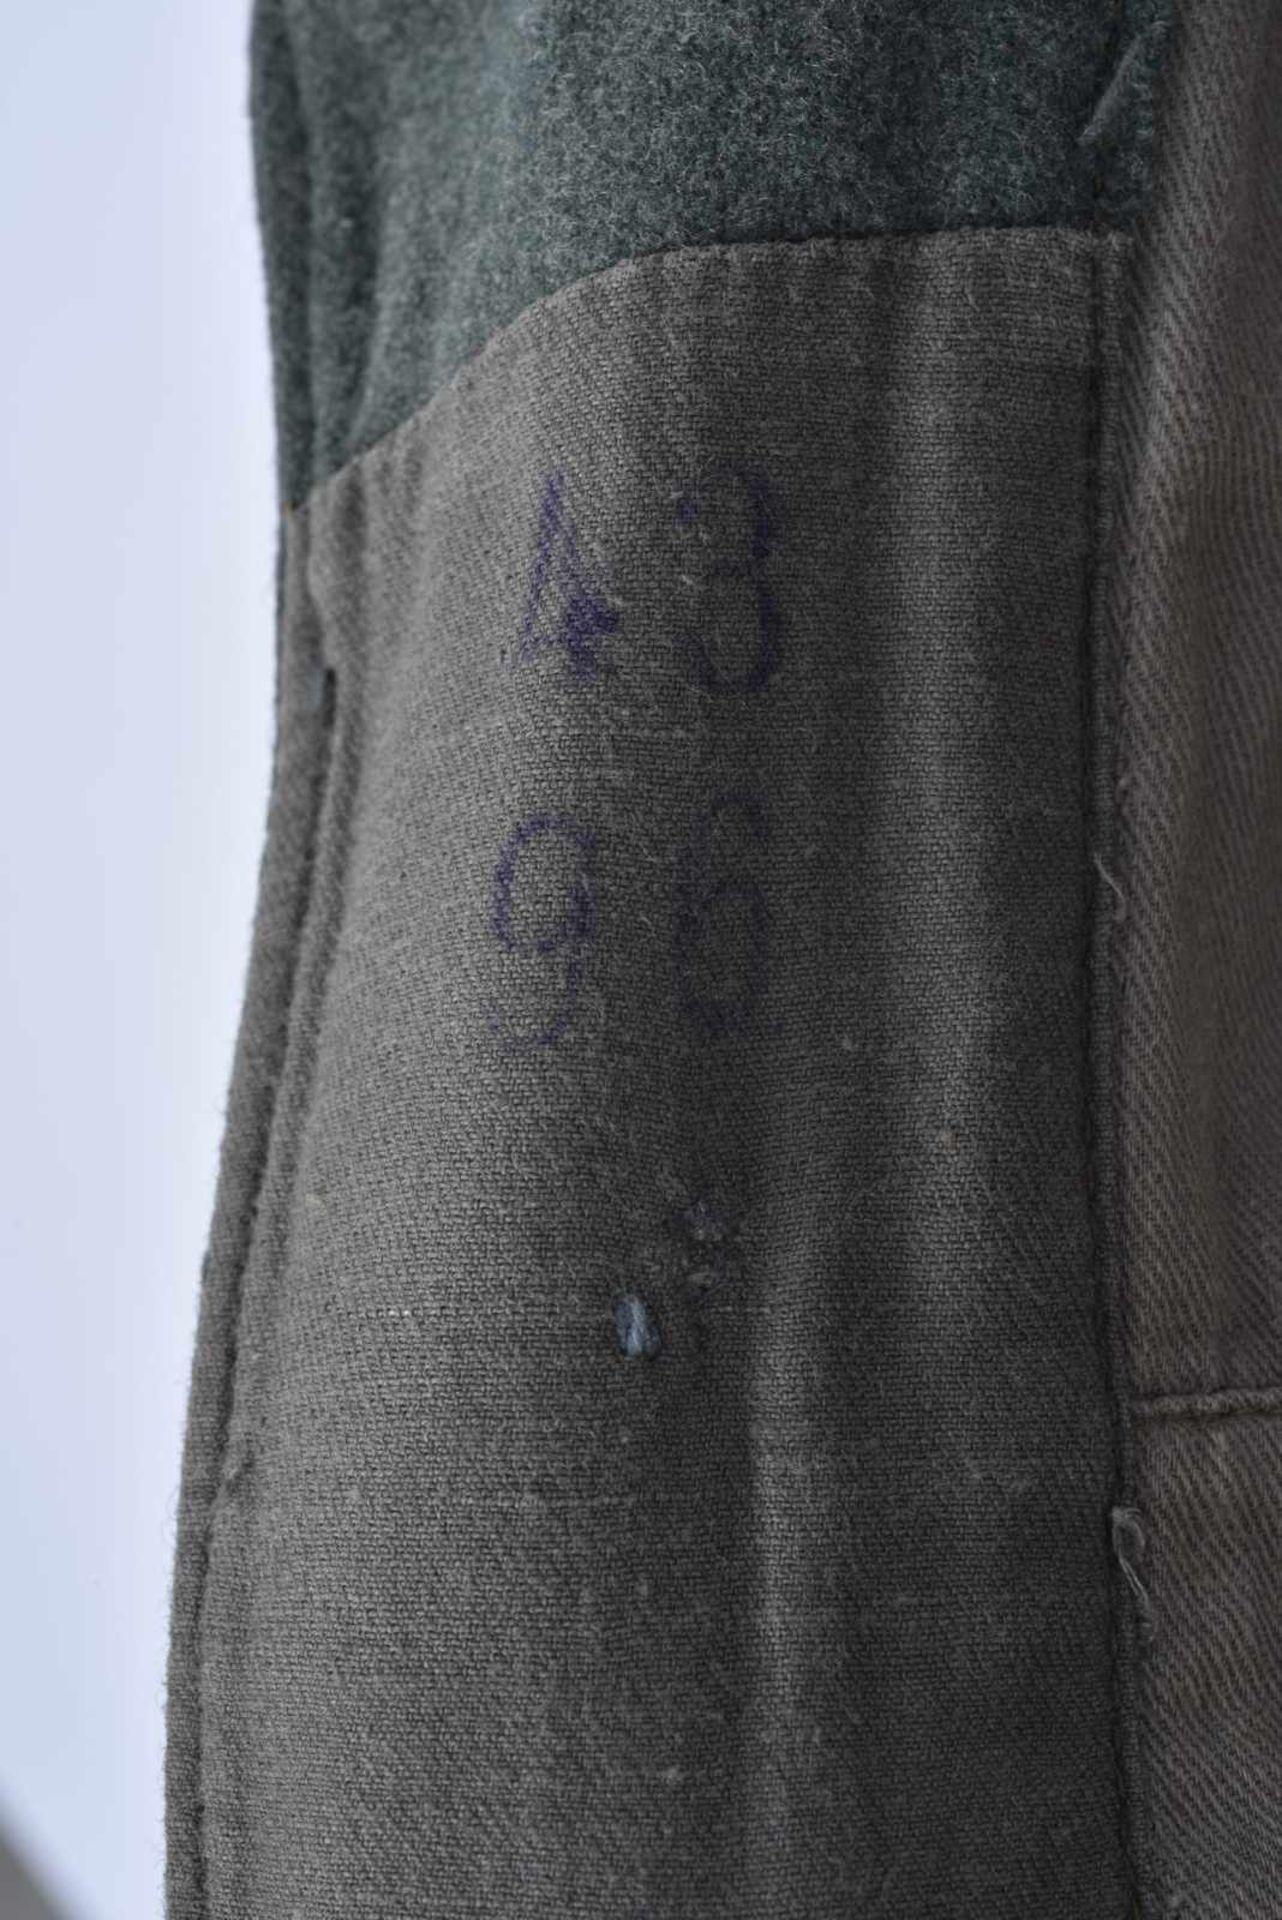 Vareuse d'infanterie de la Heer. En drap Feldgrau, tous les boutons sont présents. Intérieur - Bild 4 aus 4